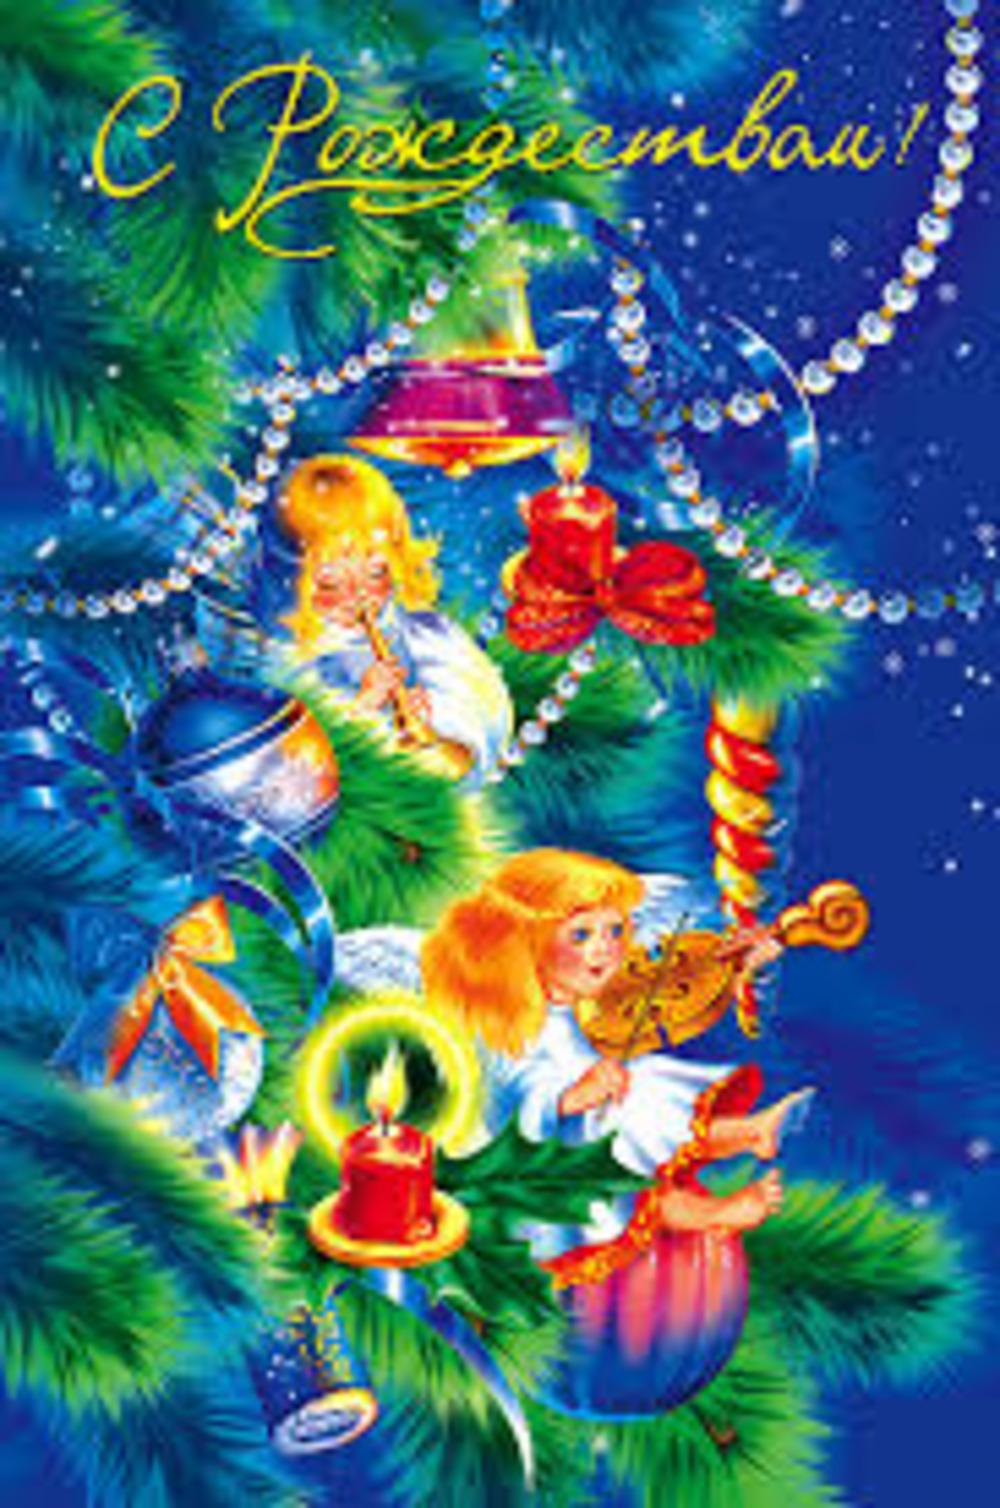 Праздник рождества поздравление детей